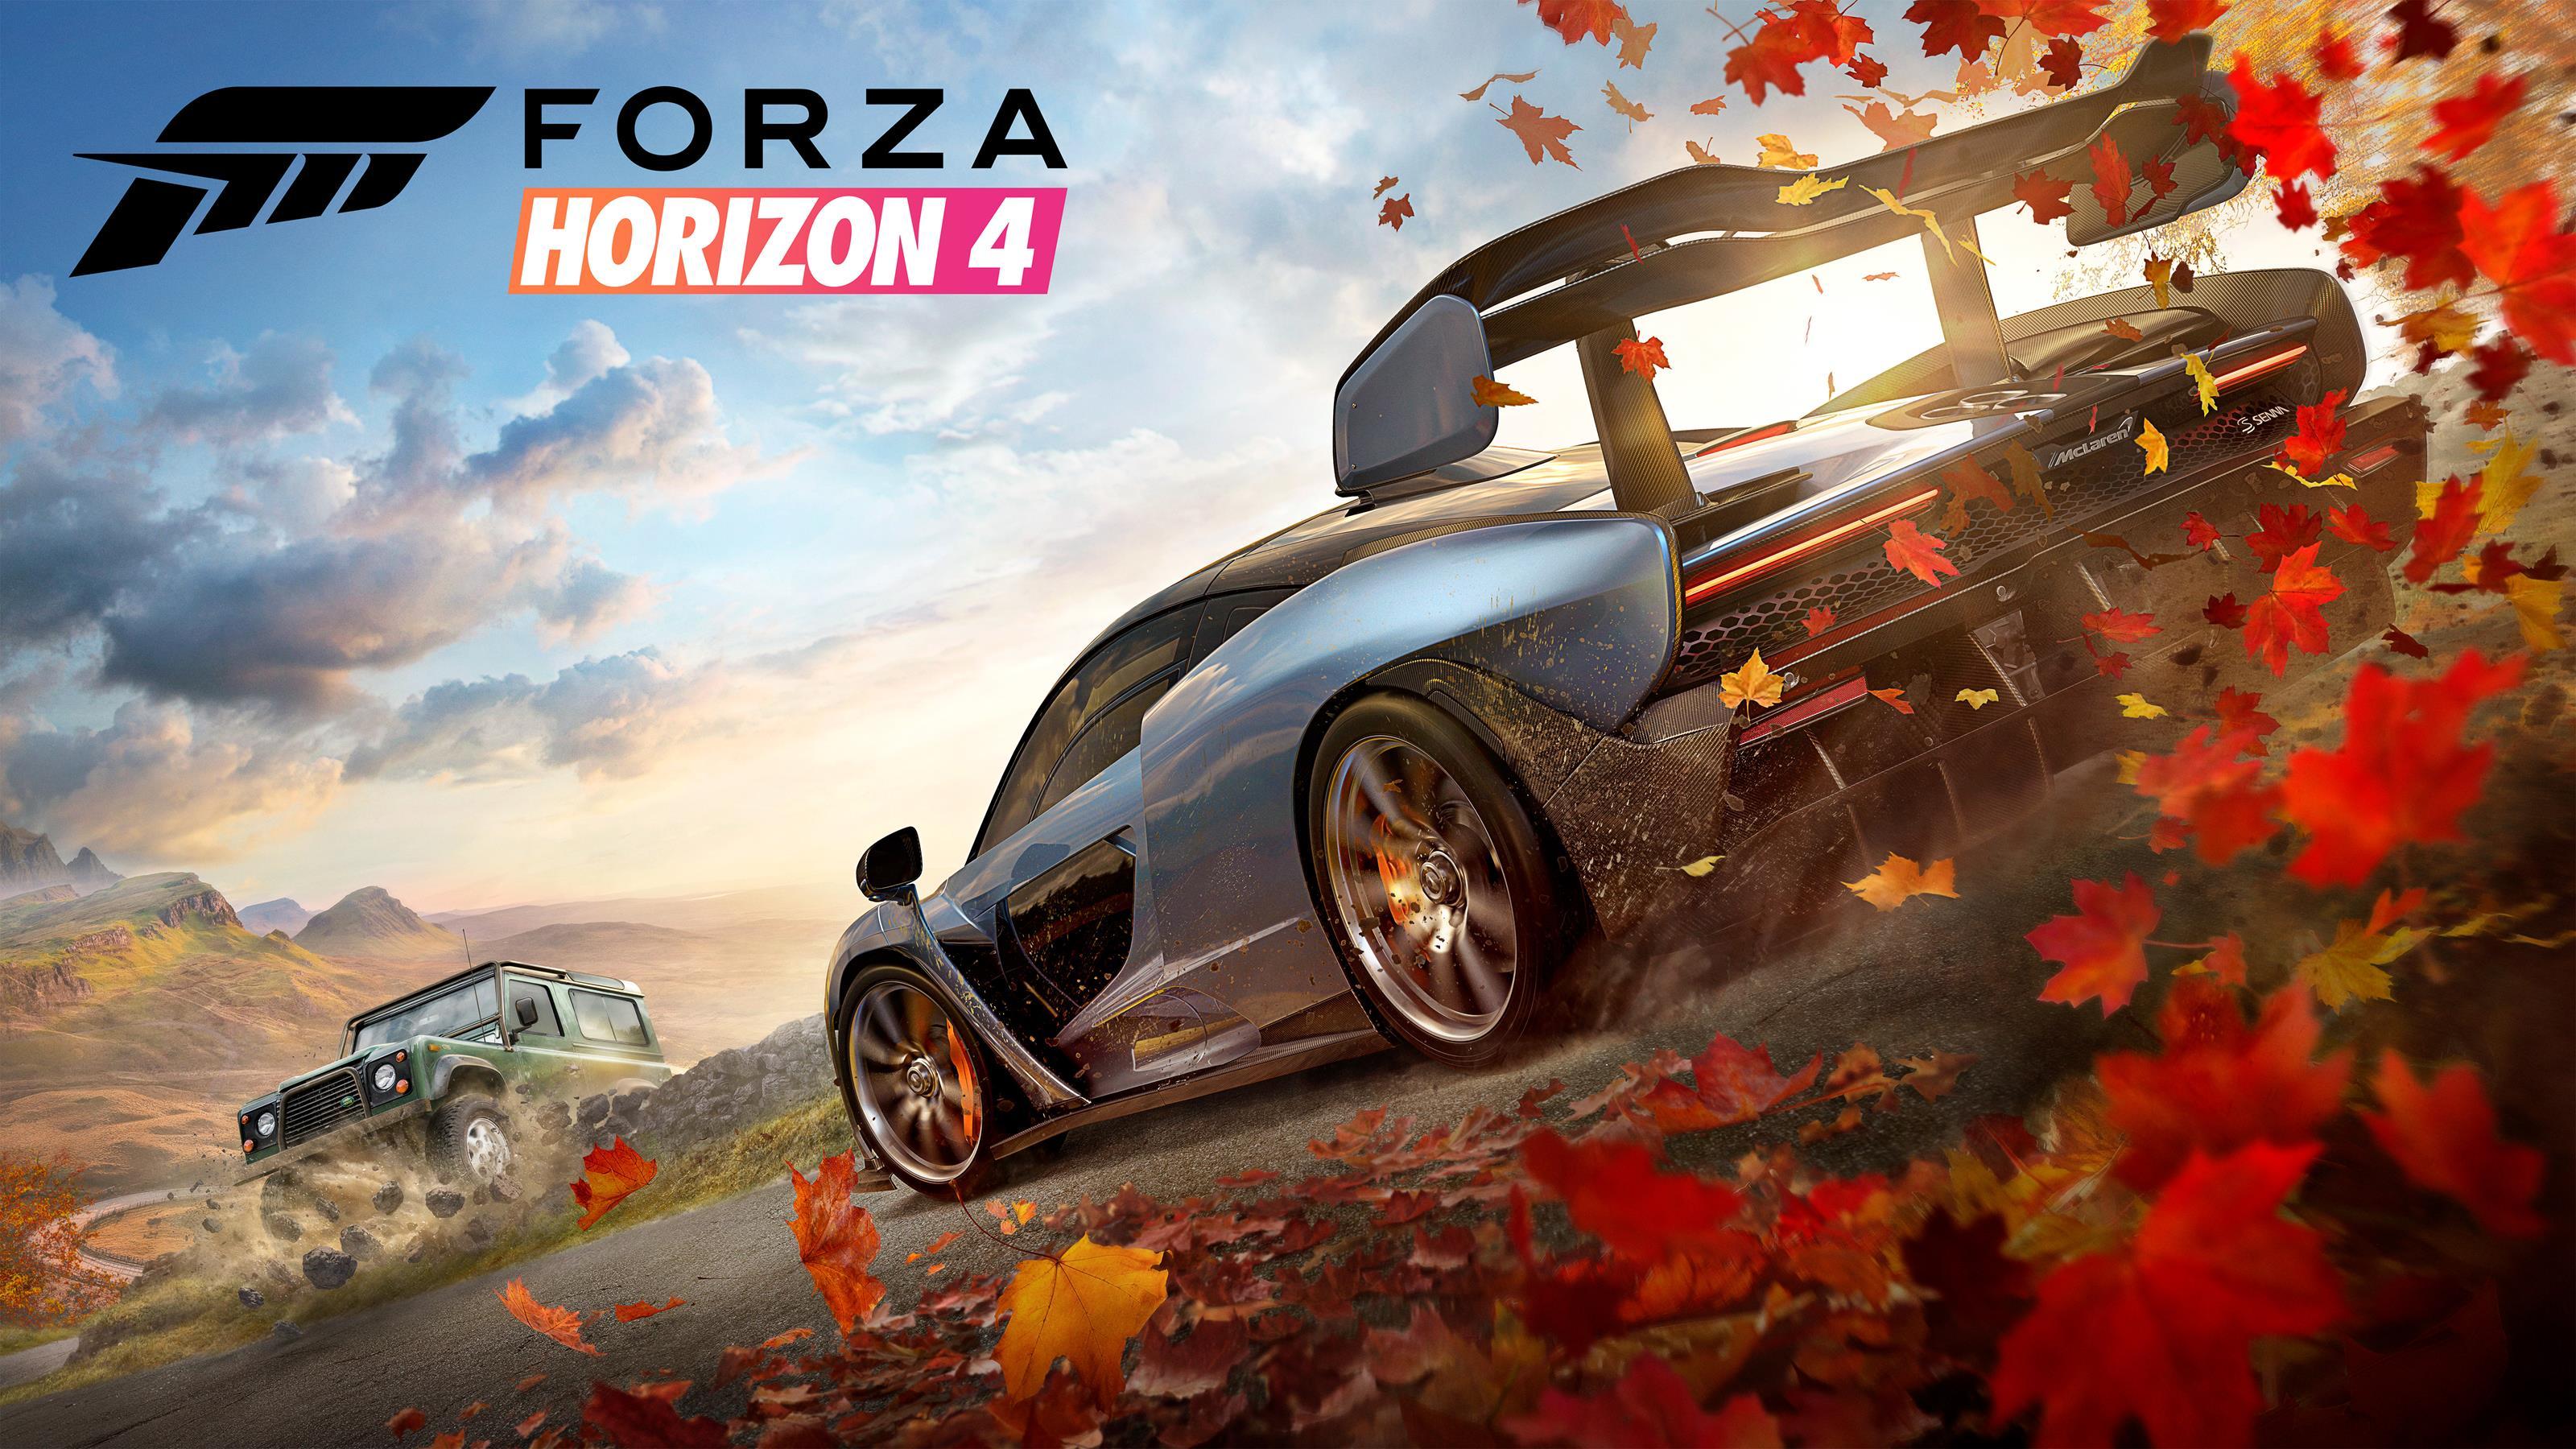 فورزا هورايزن 4: بعد عشرة أشهر ، تعد لعبة Playground Games 'racer الوحيدة الحصرية لأجهزة Xbox One 1